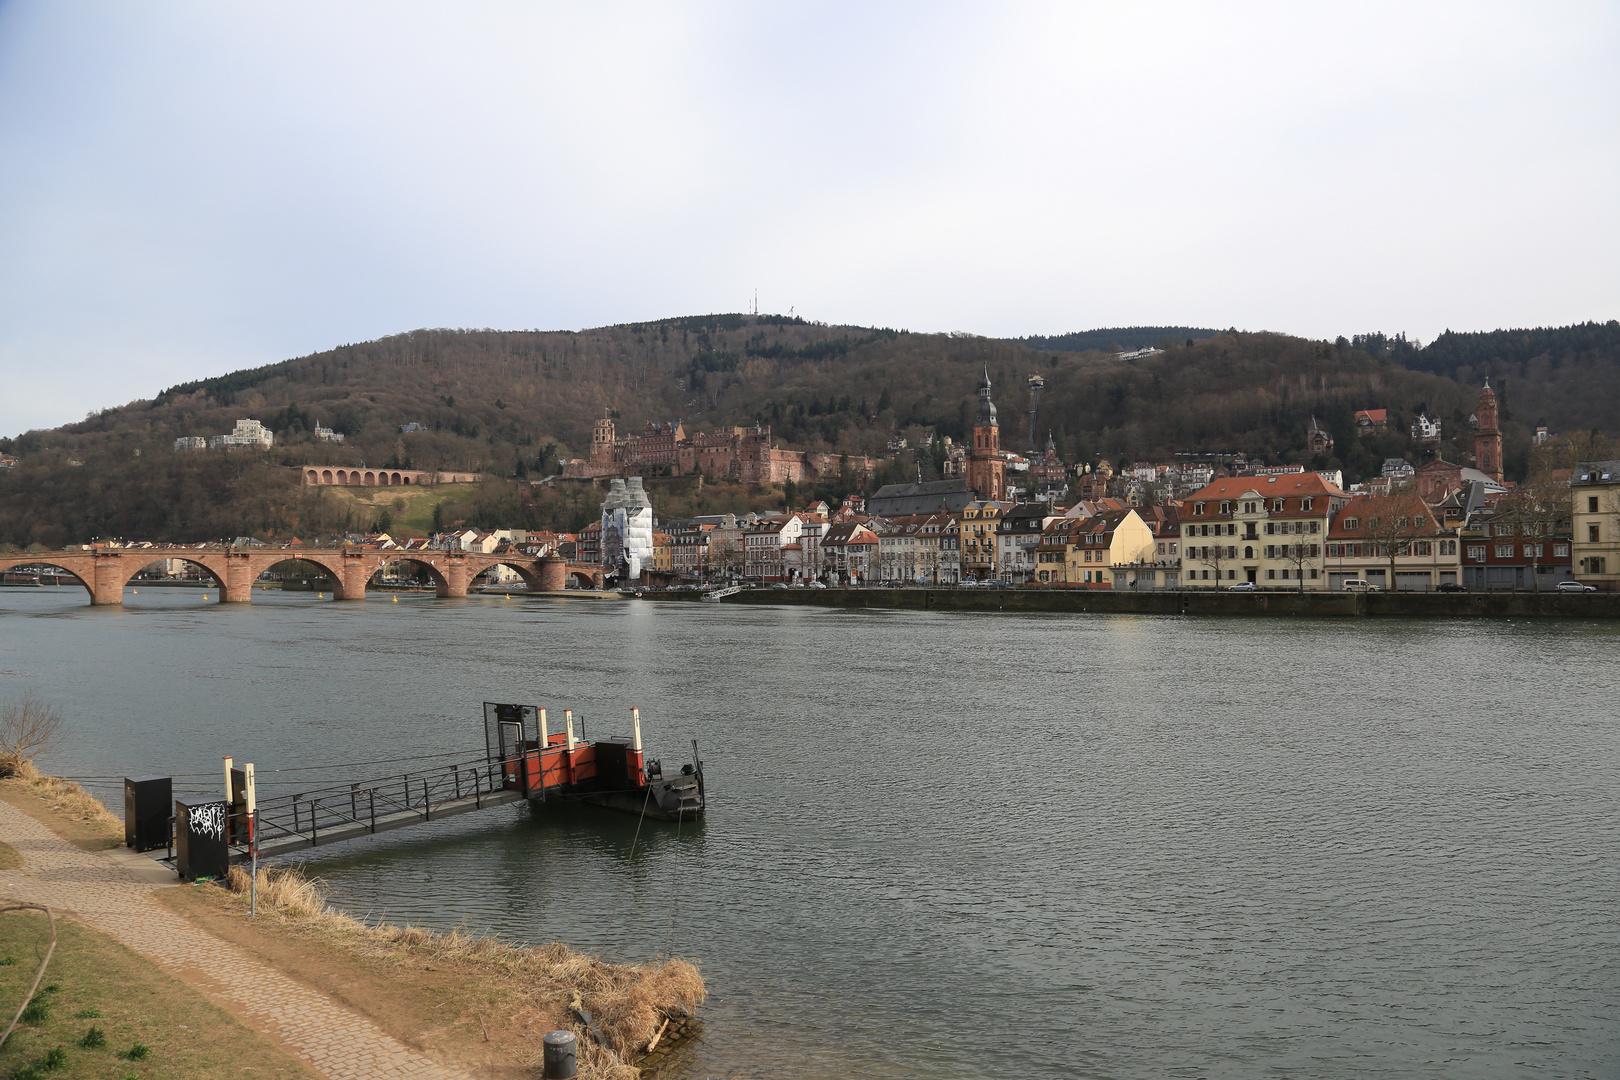 Heidelberg - Schlossruine, Alte Brücke, Altstadt